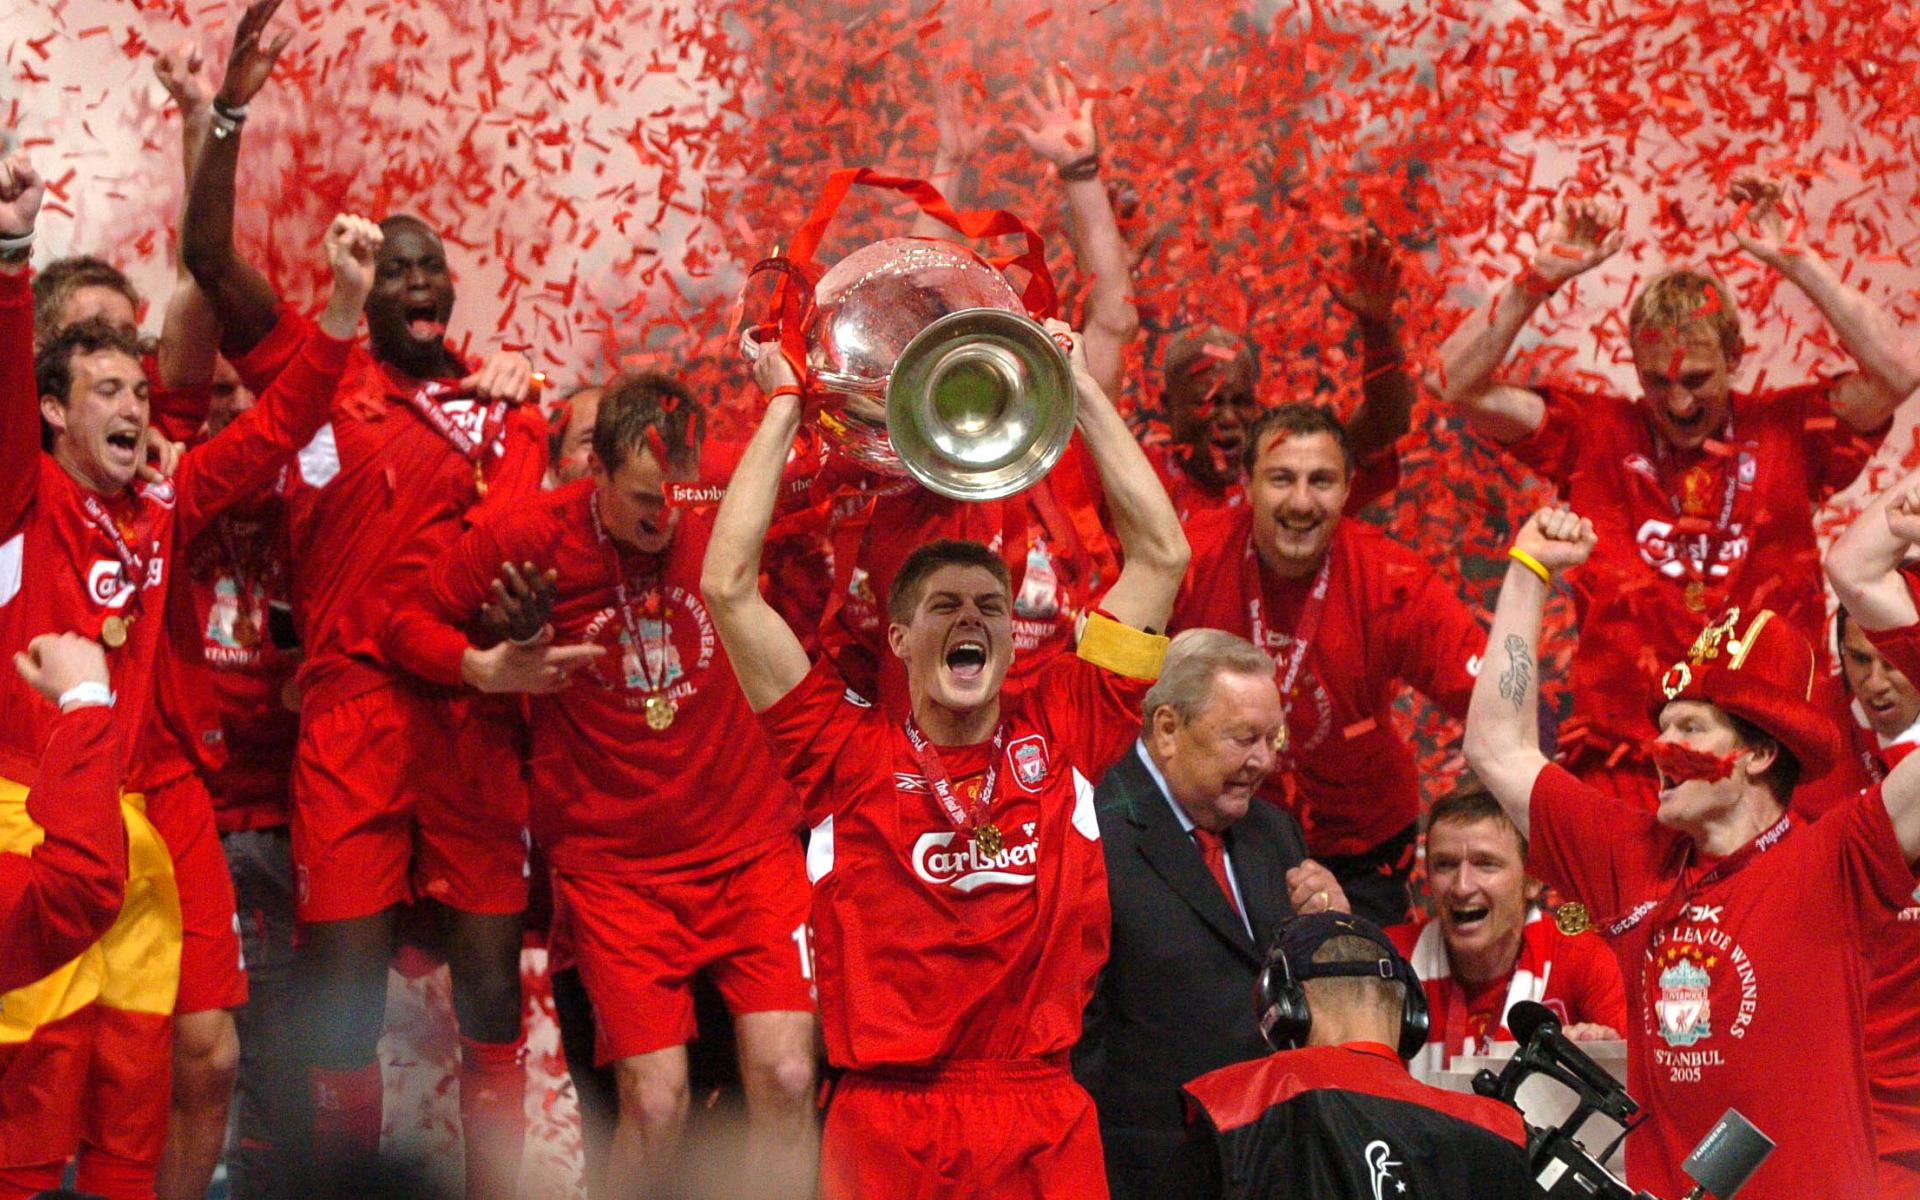 Лига чемпионов УЕФА, Кенни Далглиш, Ливерпуль, Боб Пэйсли, Билл Шенкли, премьер-лига Англия